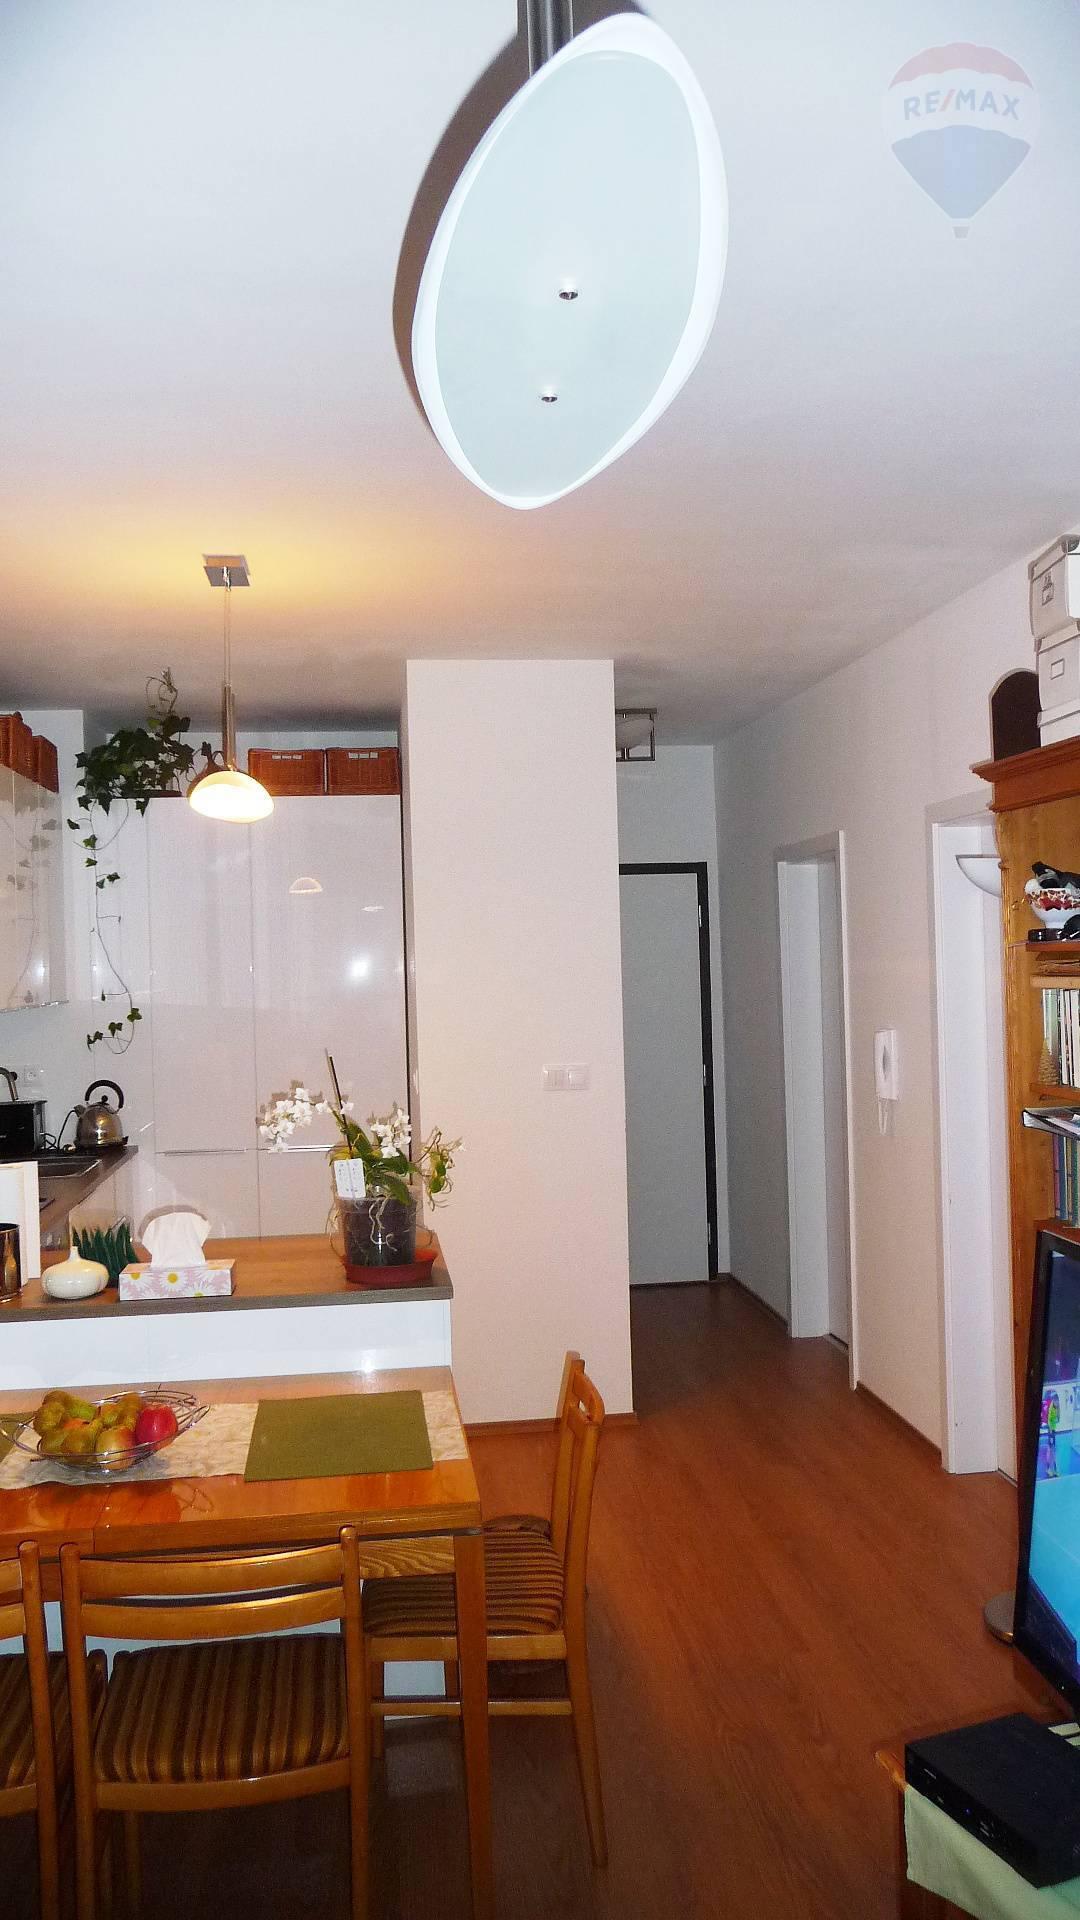 Predaj, 2-izbový byt (48,5 m2), novostavba s balkónom, zariadený